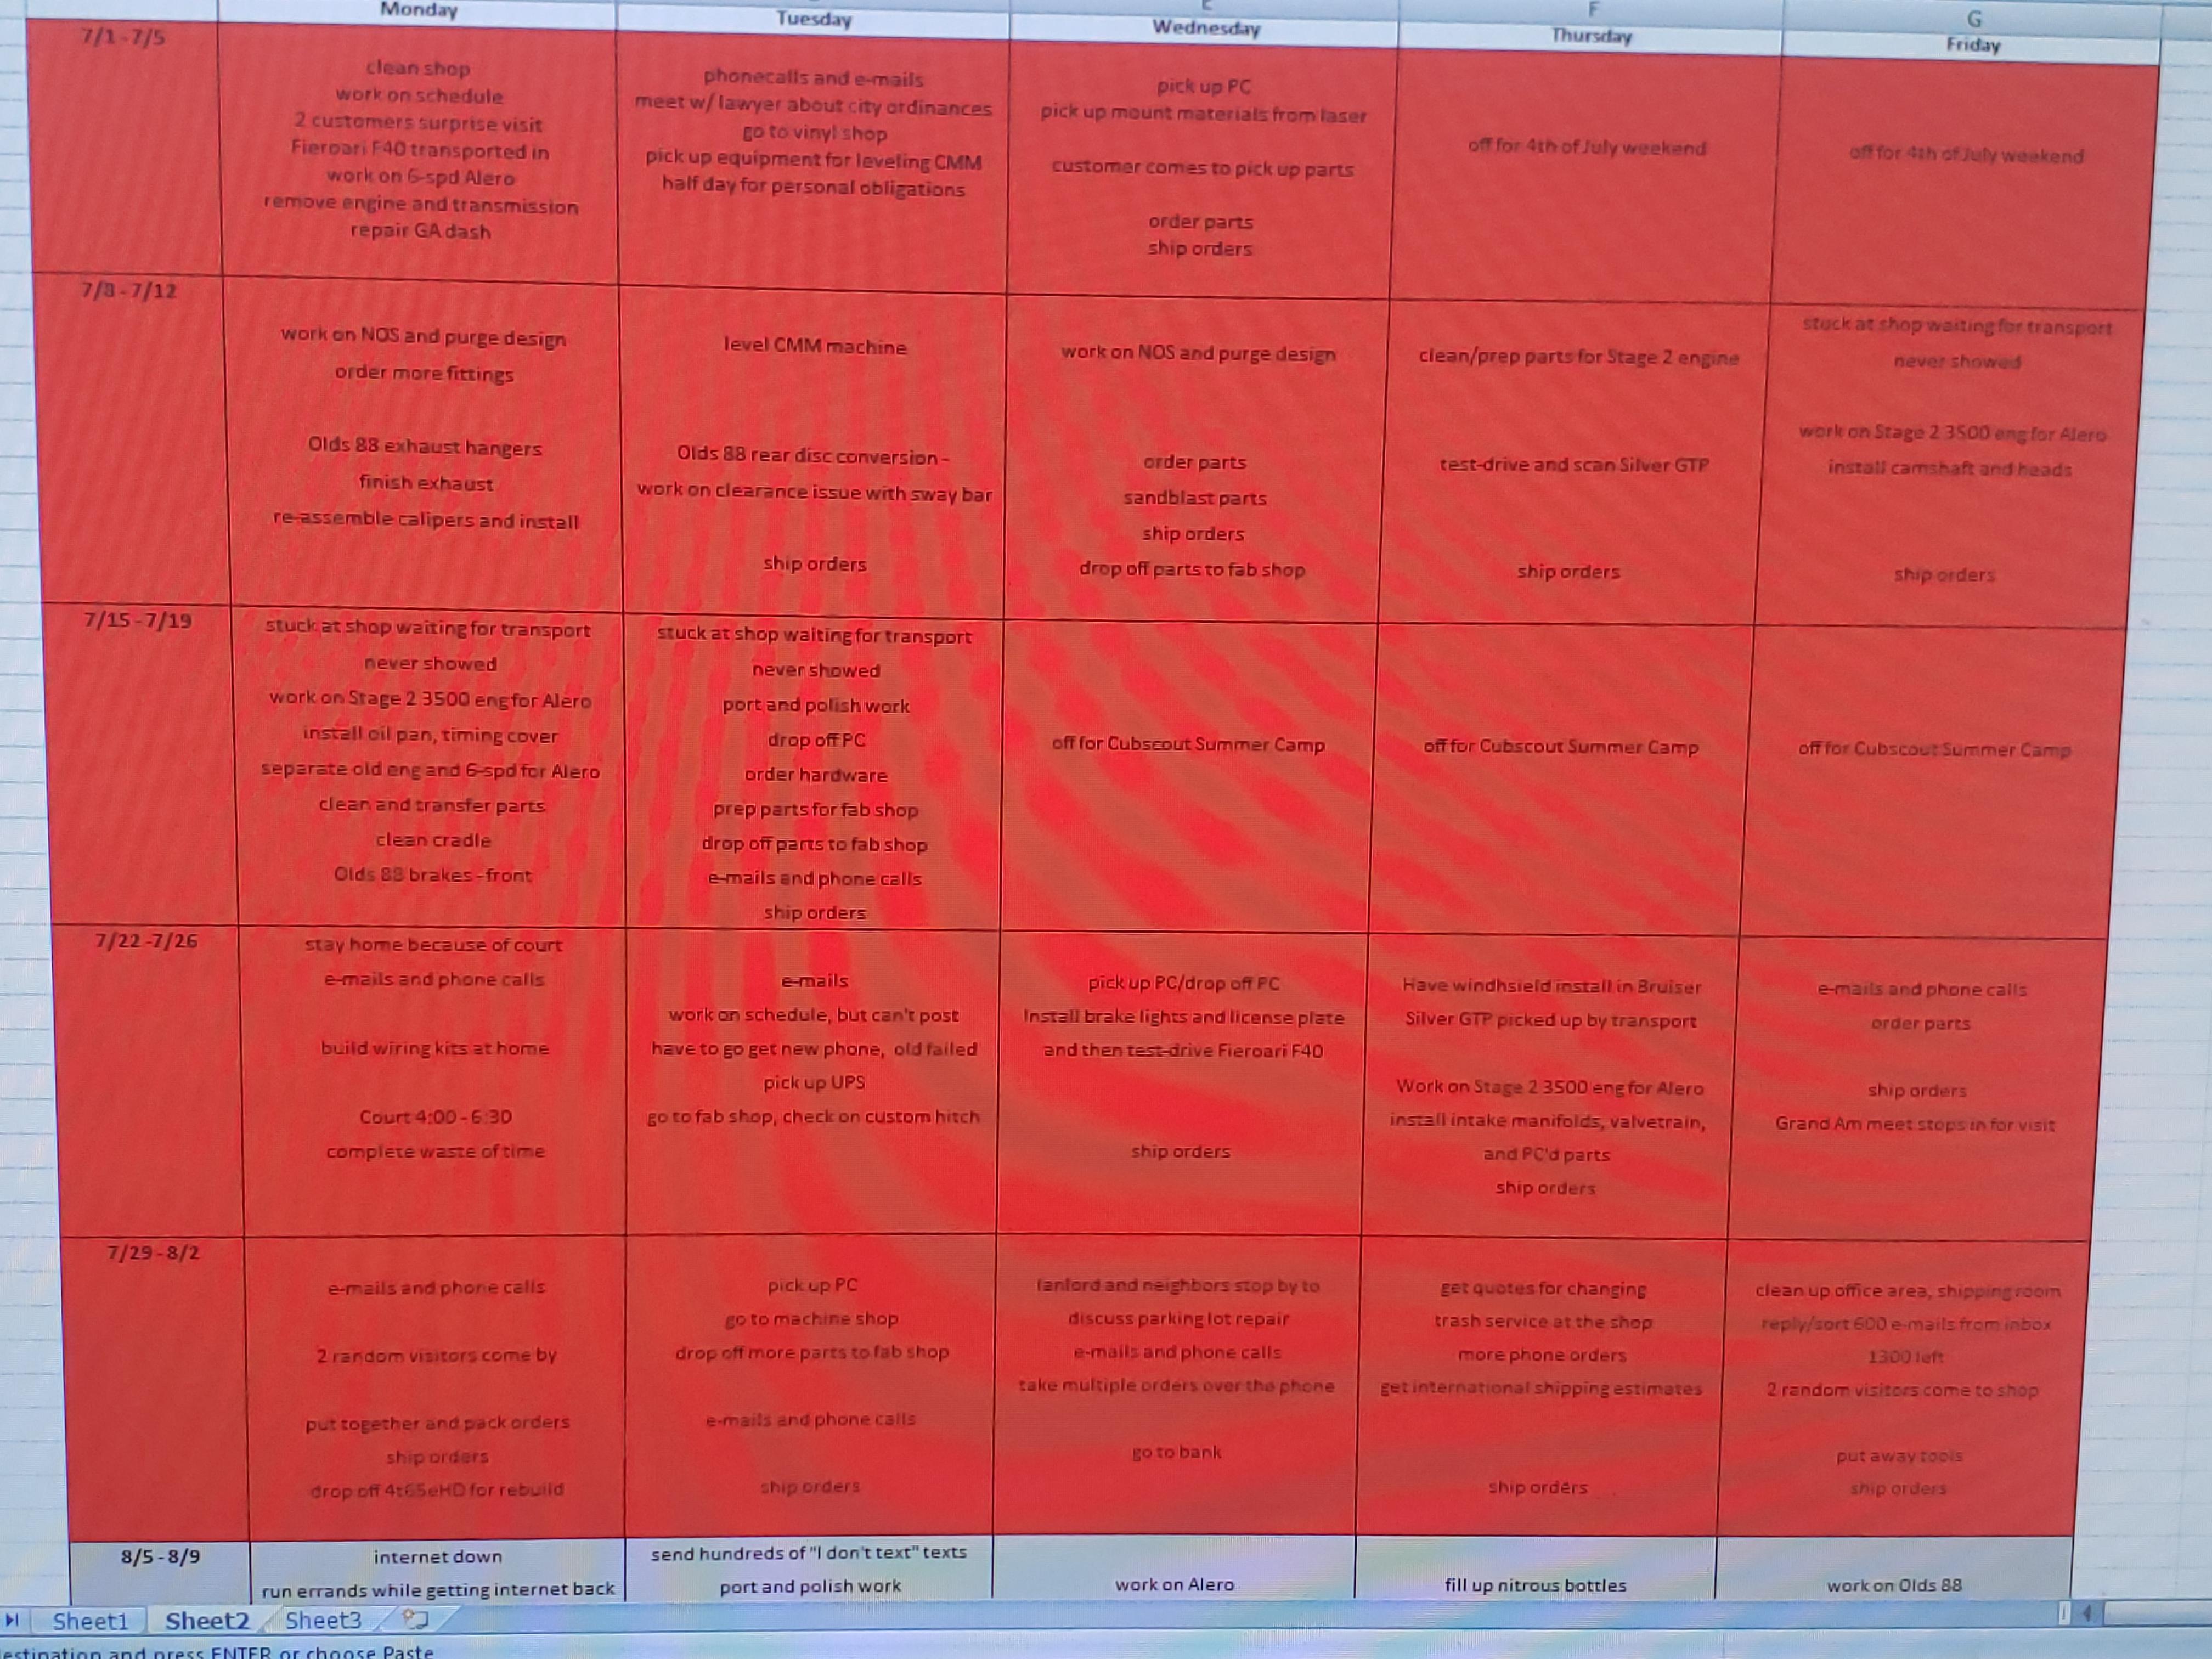 schedule080519-2.jpg